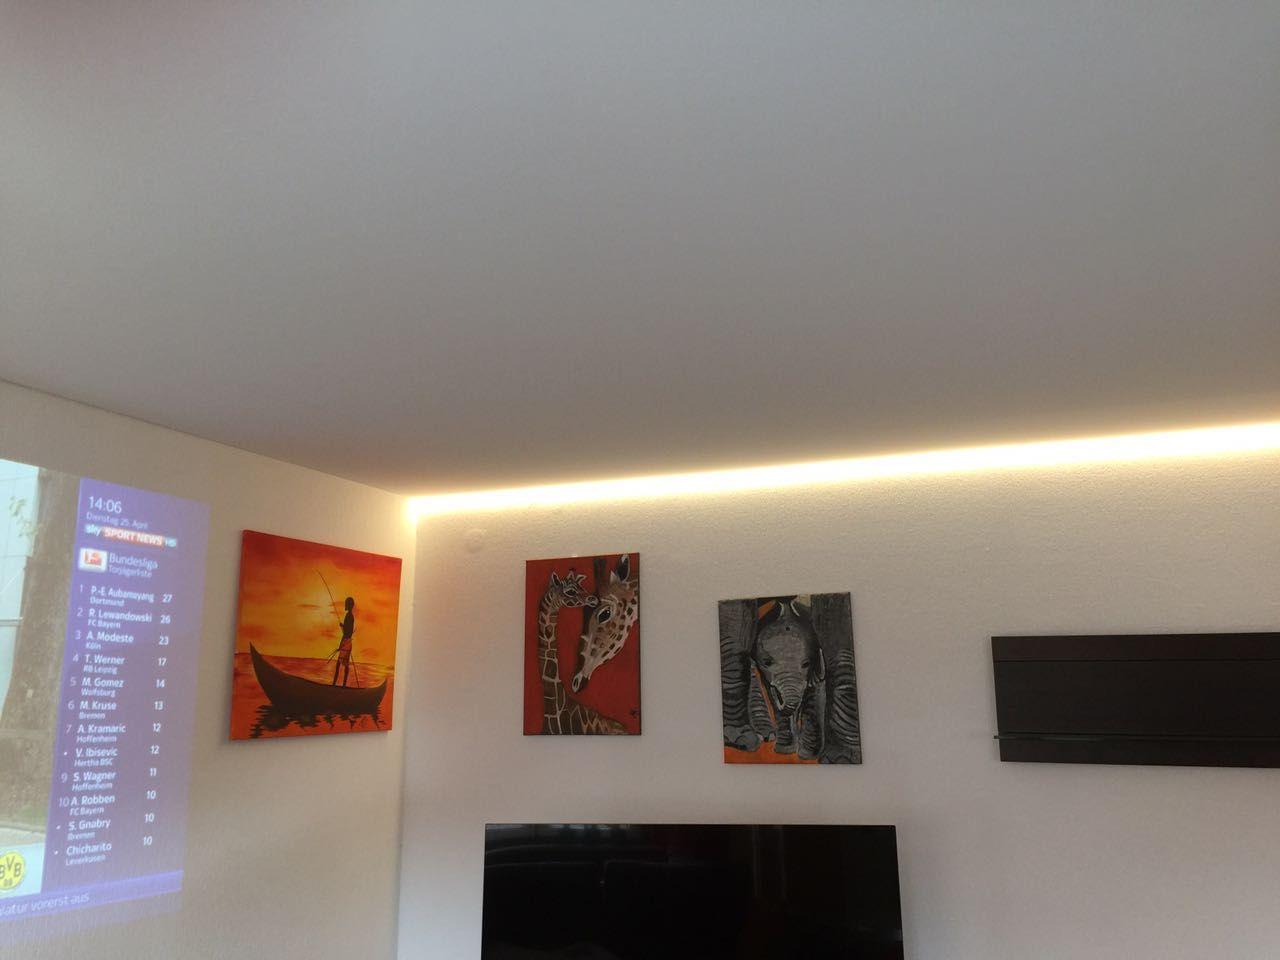 Matte Spanndecke Und Ein Lichtkanal Als Beleuchtung Mit Led An Der Wand Spanndecken Led Decke